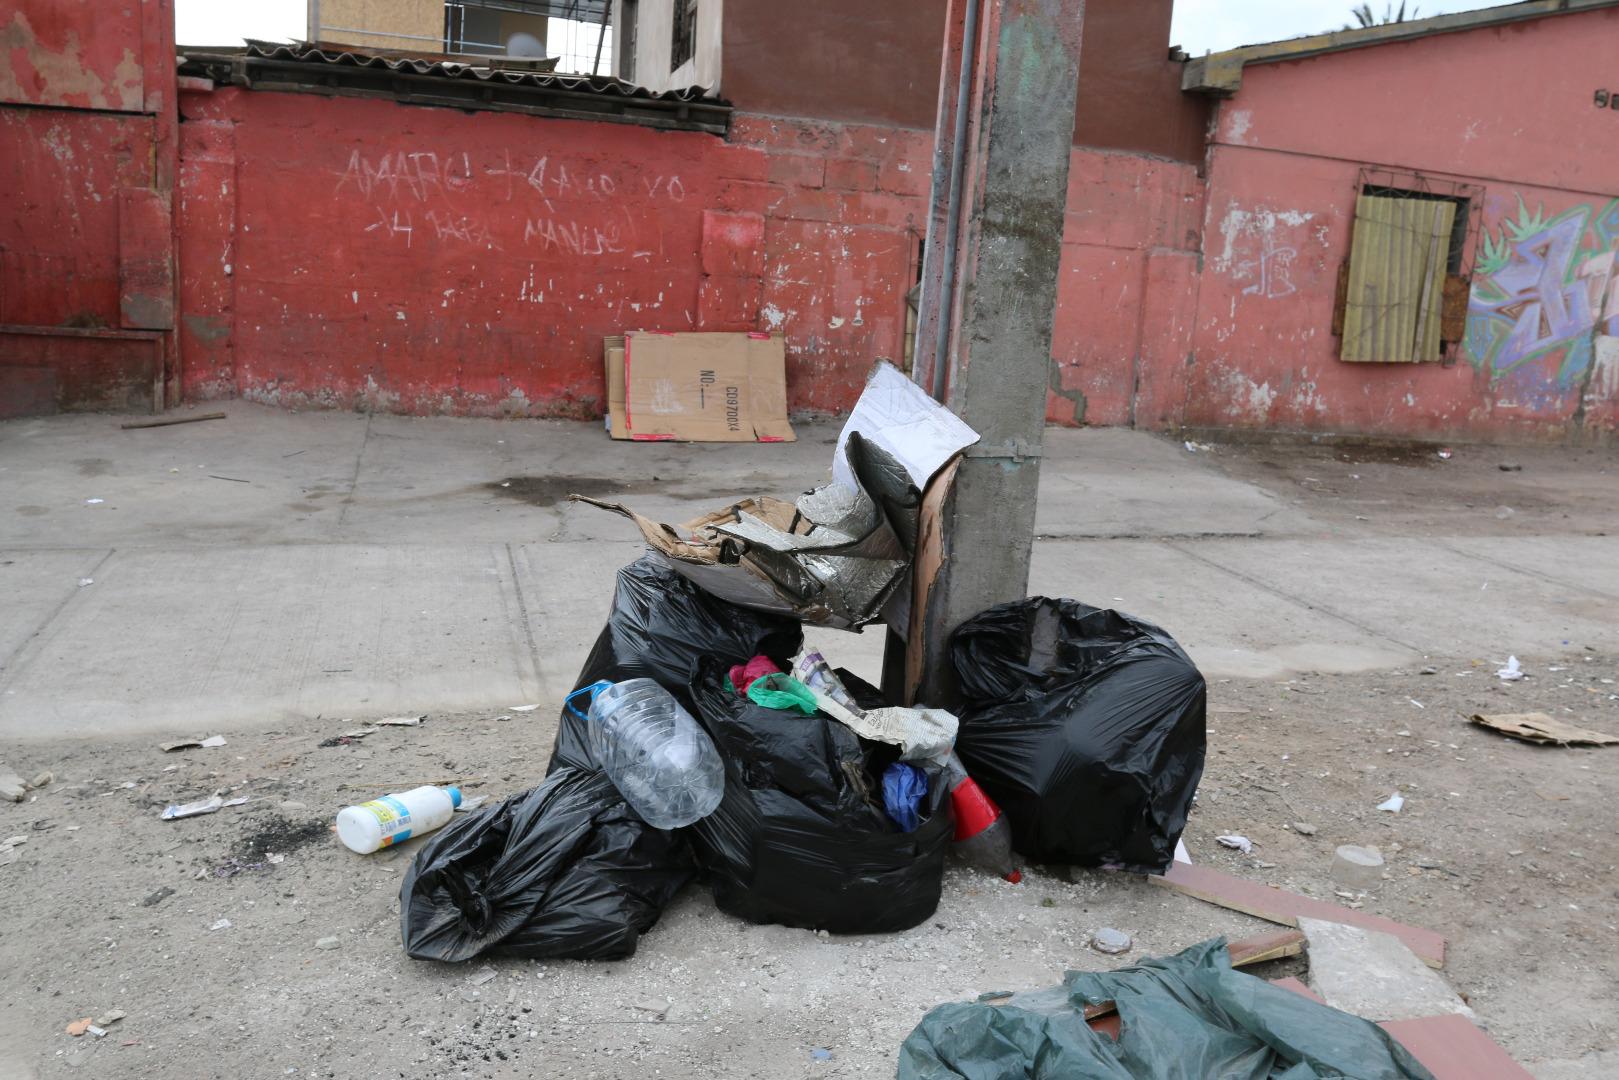 Municipalidad de Iquique ya lleva cerca de 220 notificaciones por depósito irregular de basura y escombros durante 2021